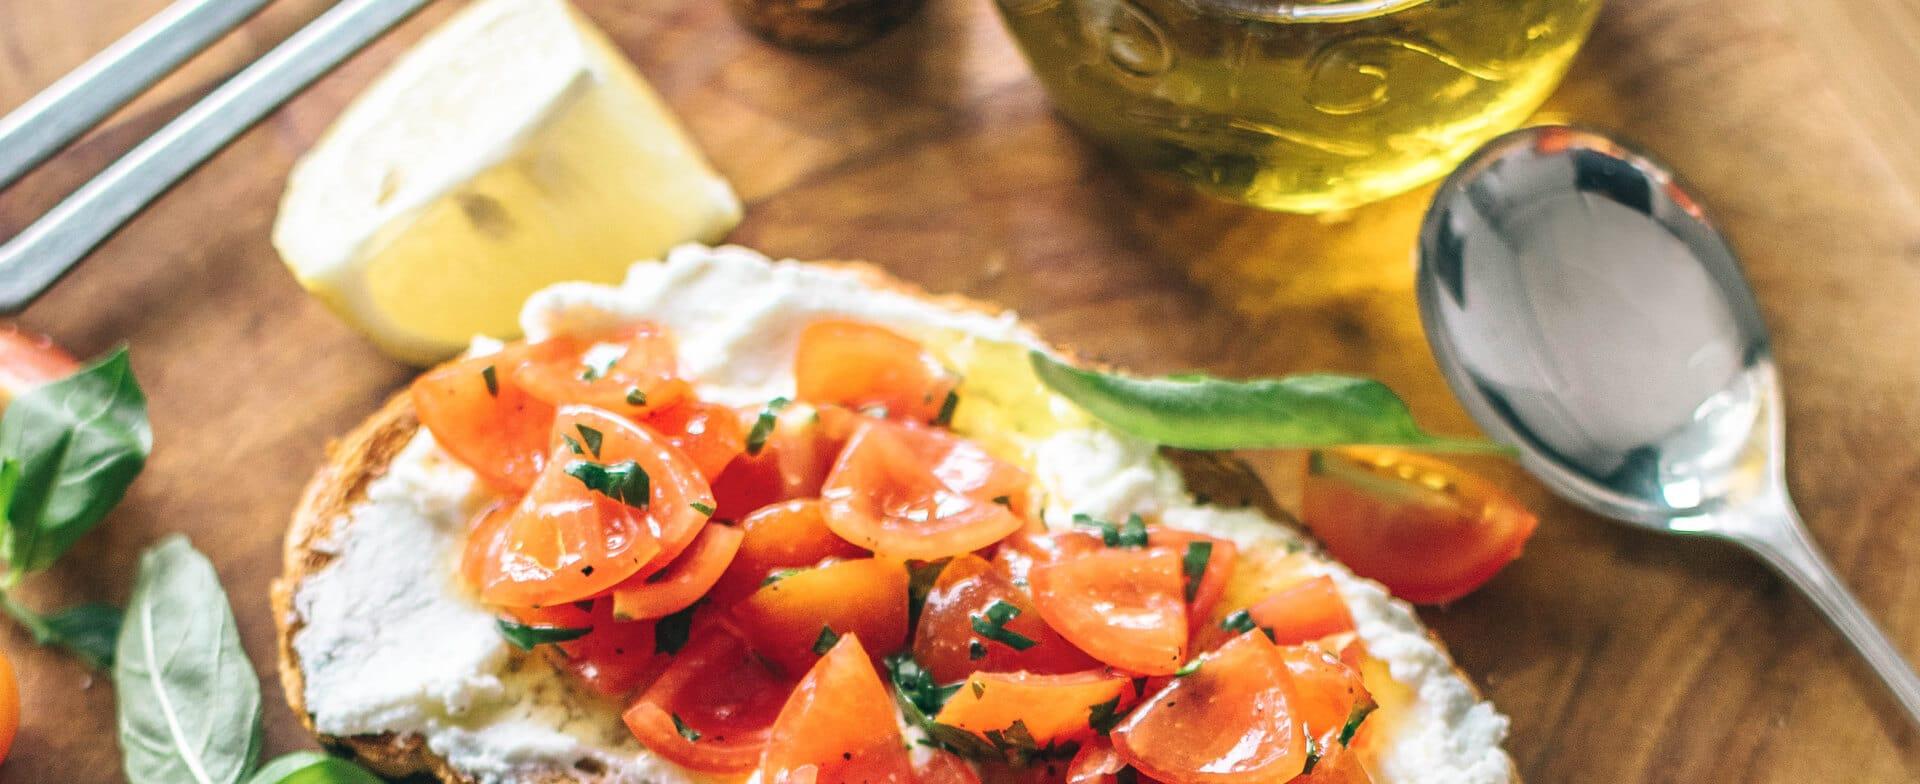 橄榄油的健康益处